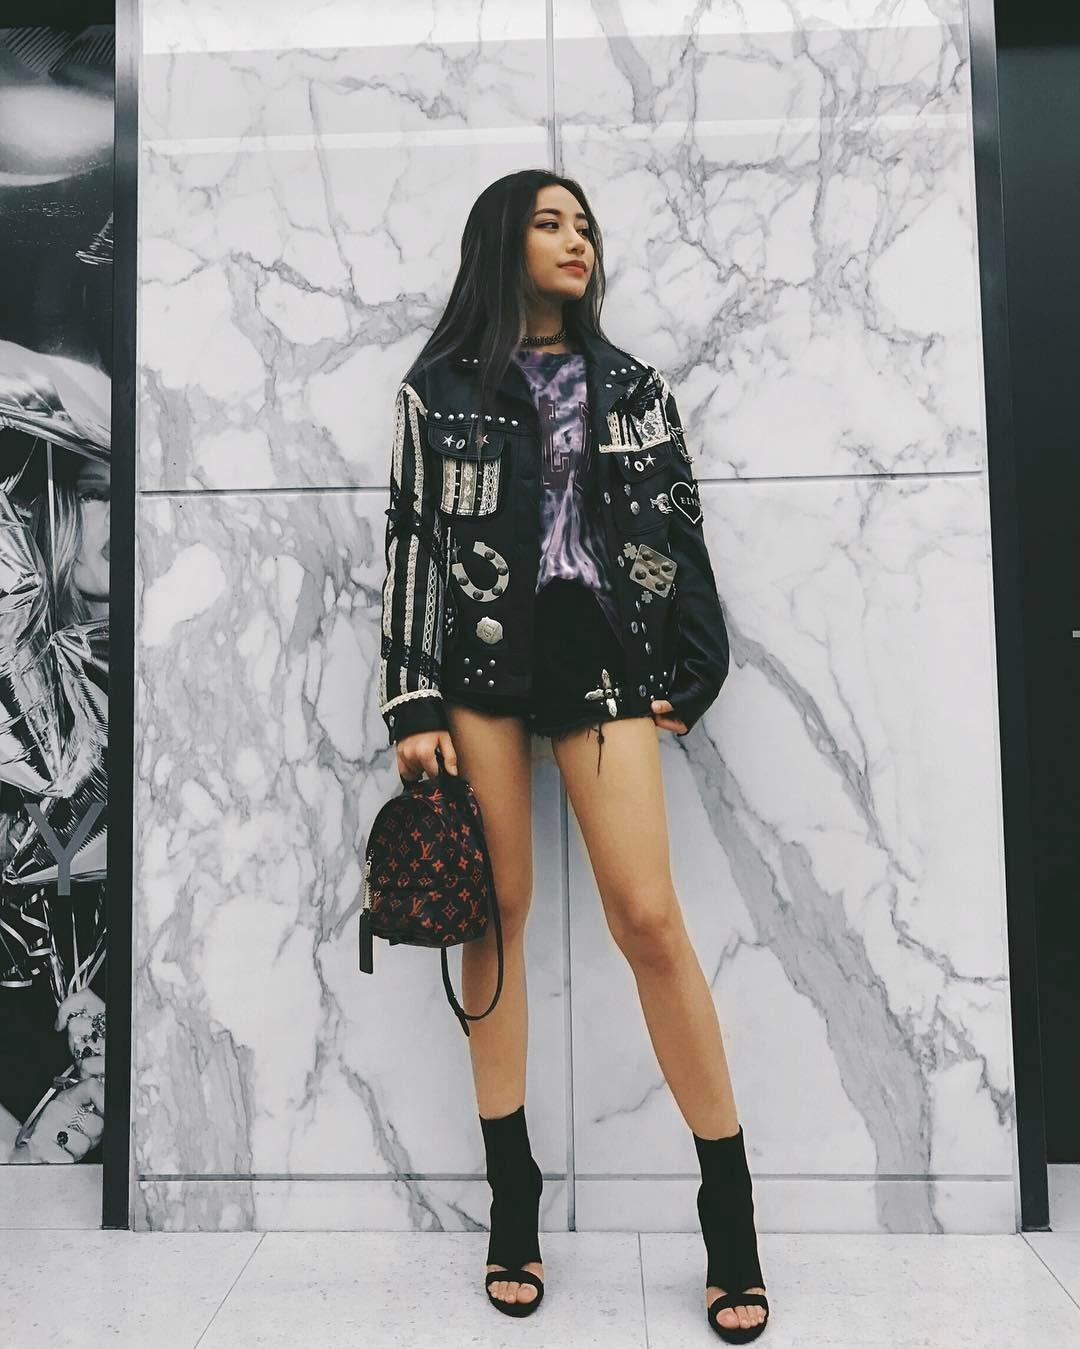 Không hổ danh là con gái của người sở hữu nhiều túi Hermes nhất nhì thế giới, Calista Cuaca cũng chất đừng hỏi - Ảnh 9.